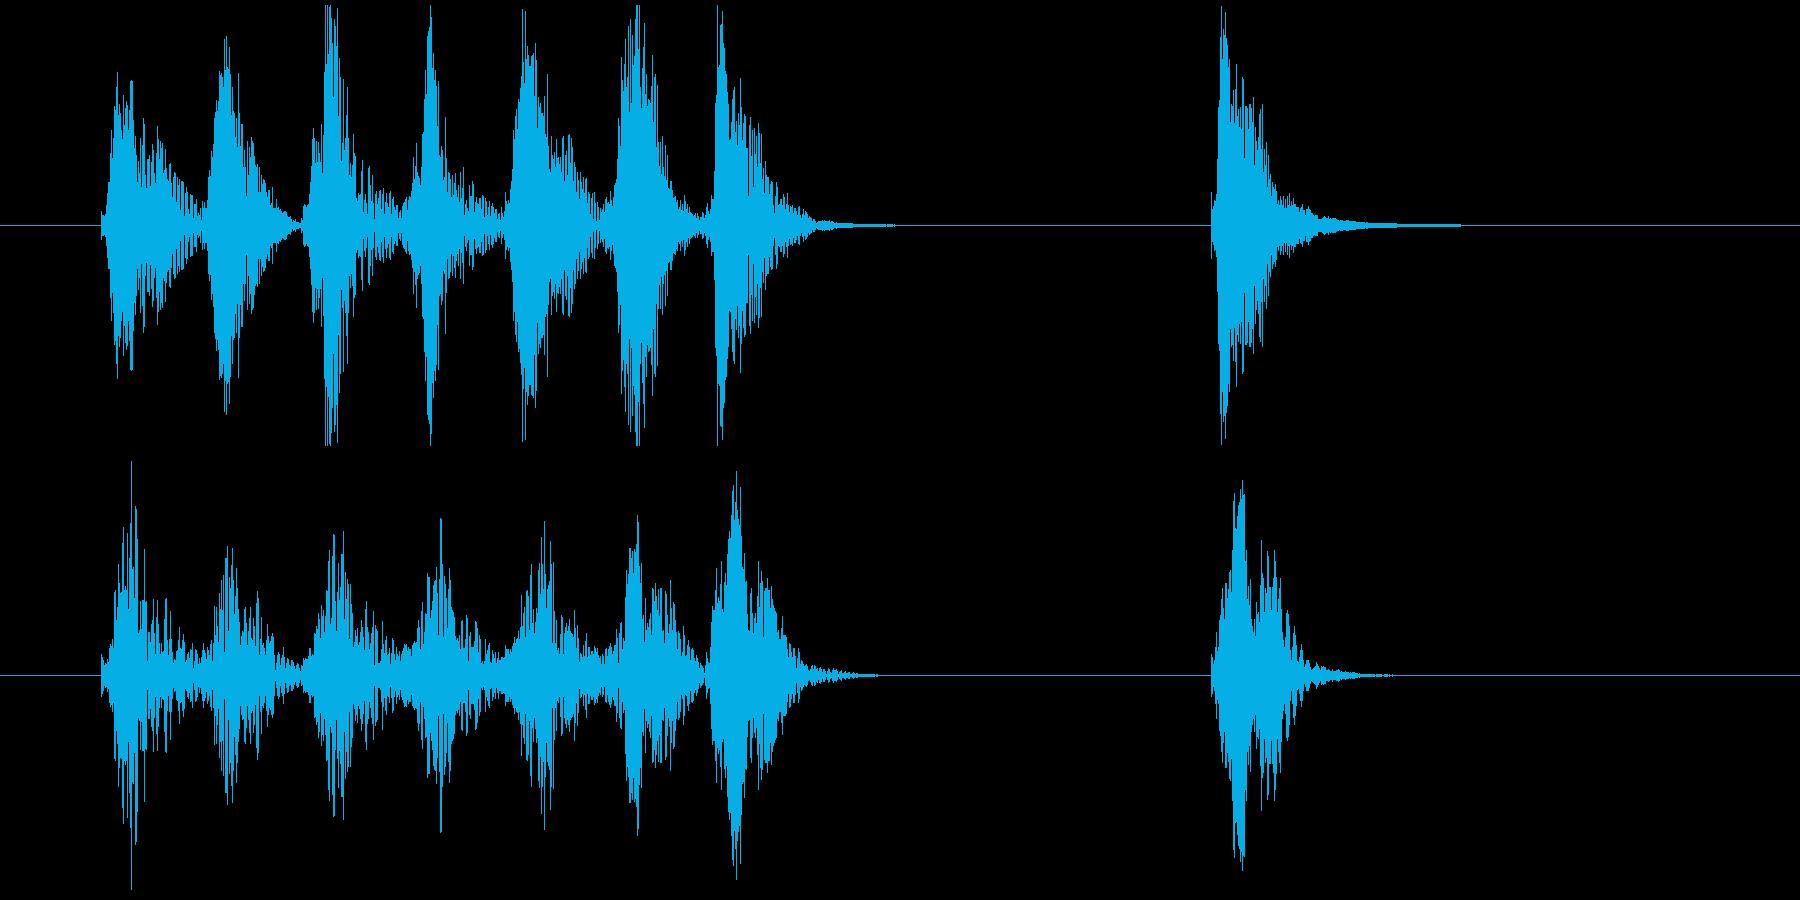 場面転換用ジングル サウンドロゴの再生済みの波形